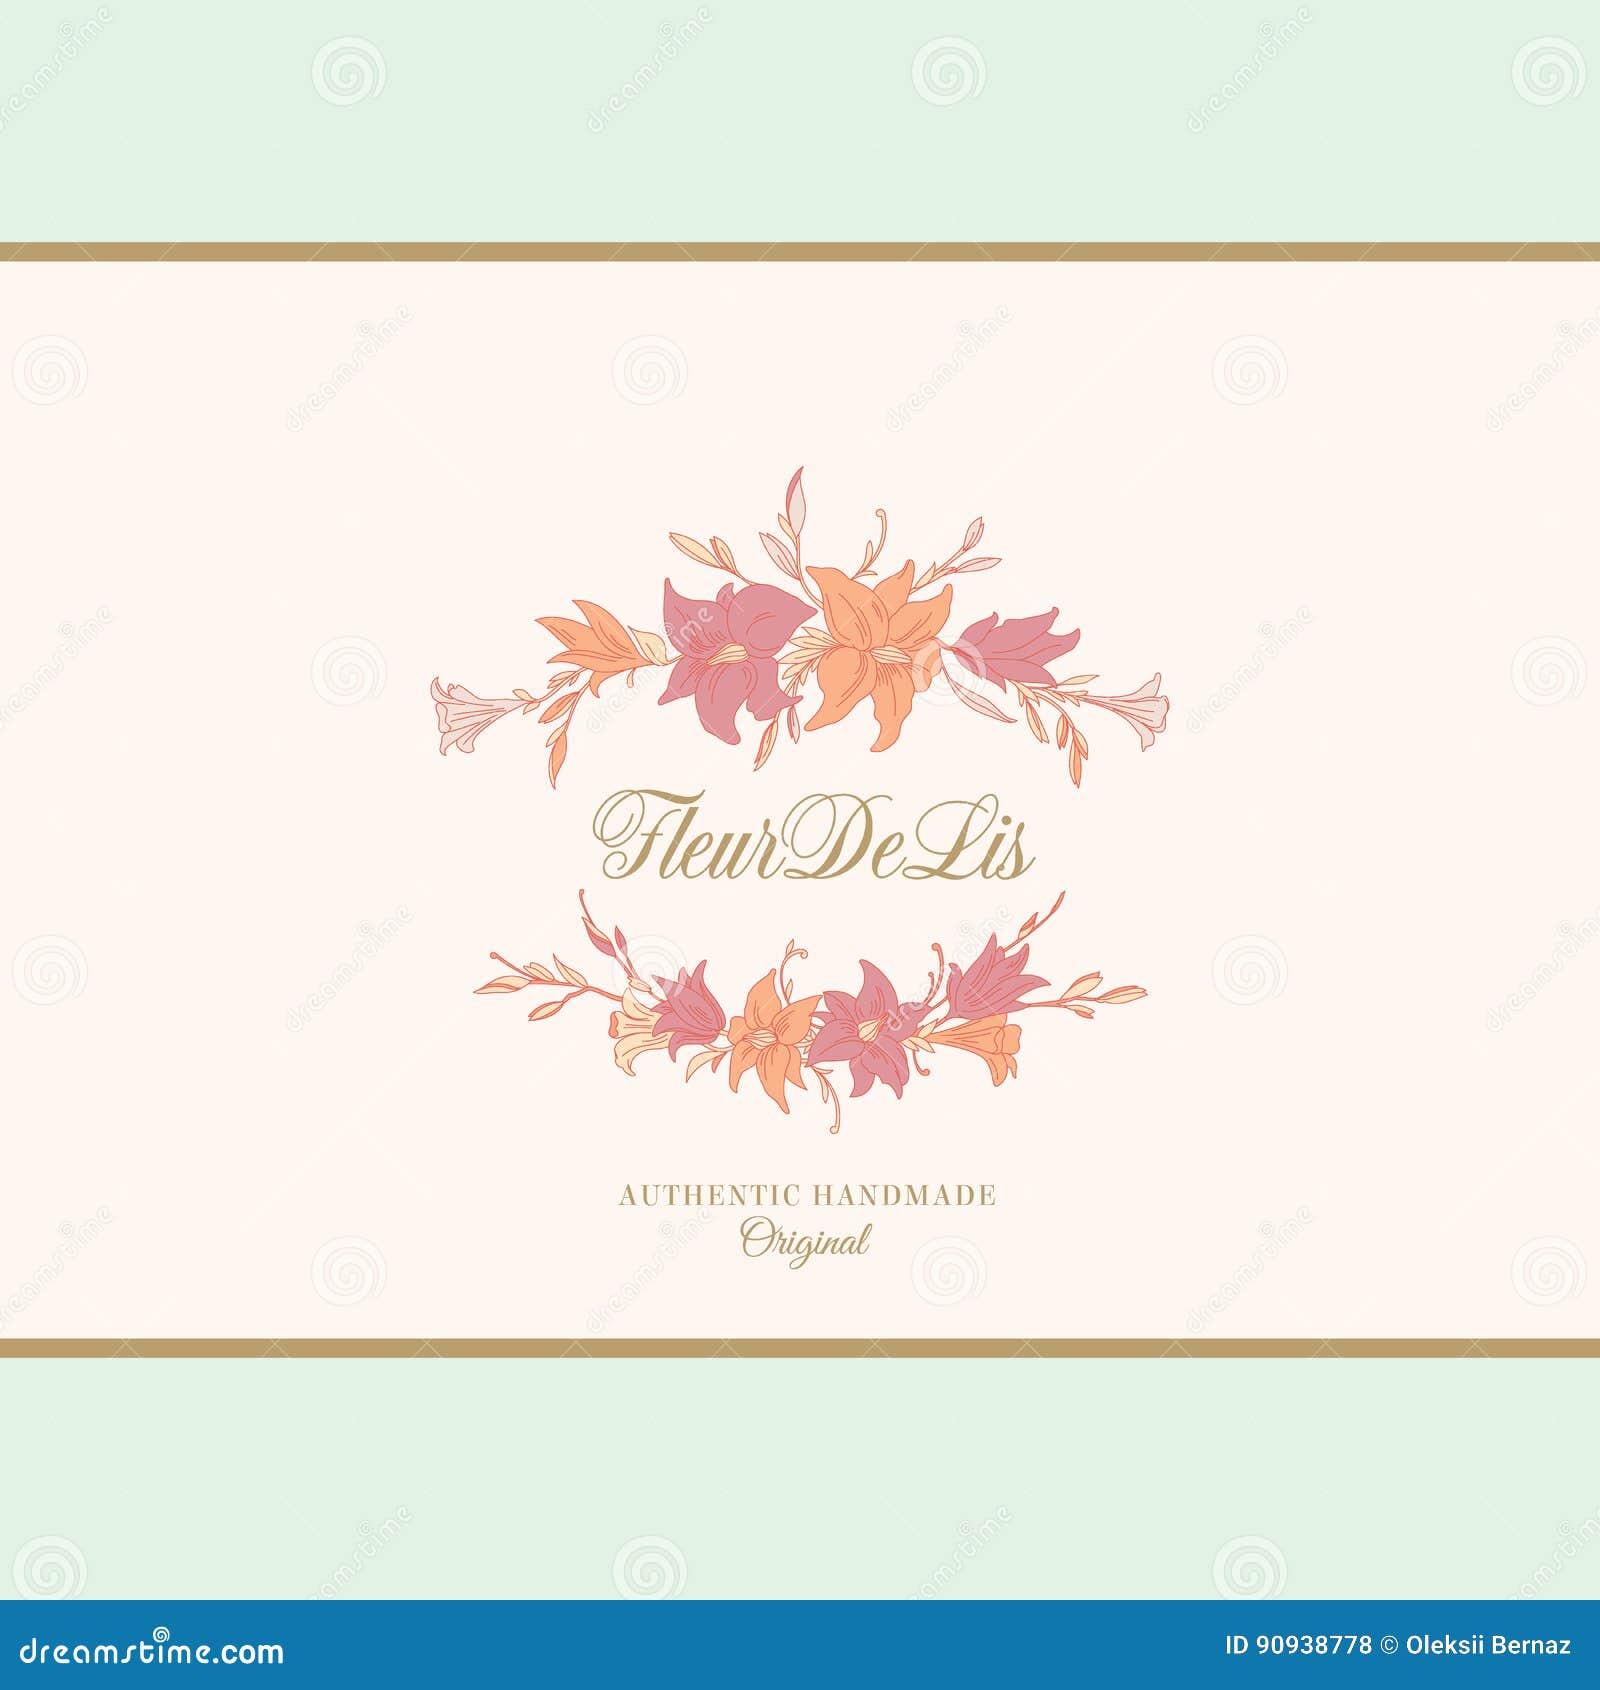 Muestra, emblema o Logo Template abstracto del vector de los lirios La mano dibujada florece el marco con tipografía retra y la o